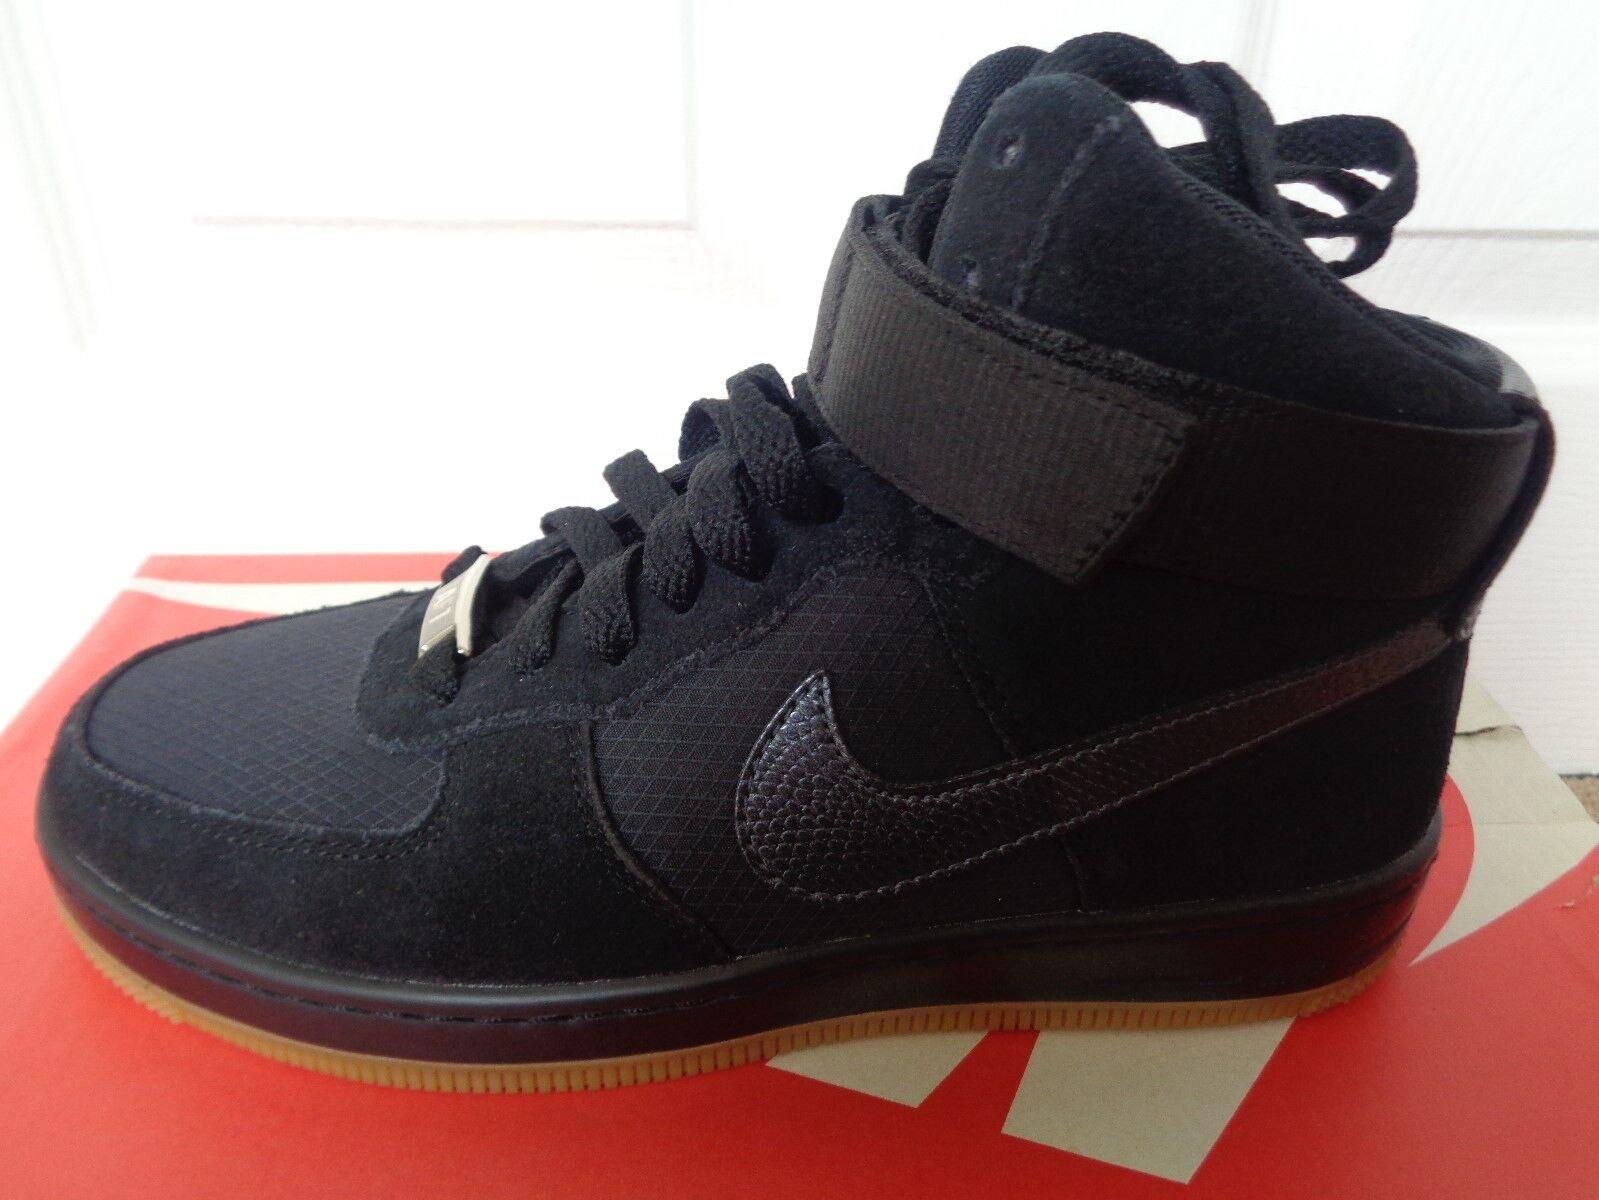 Nike Air AF1 Ultra Force Mid Scarpe da ginnastica da donna 654851 003 EU 36 US 5.5 NUOVE